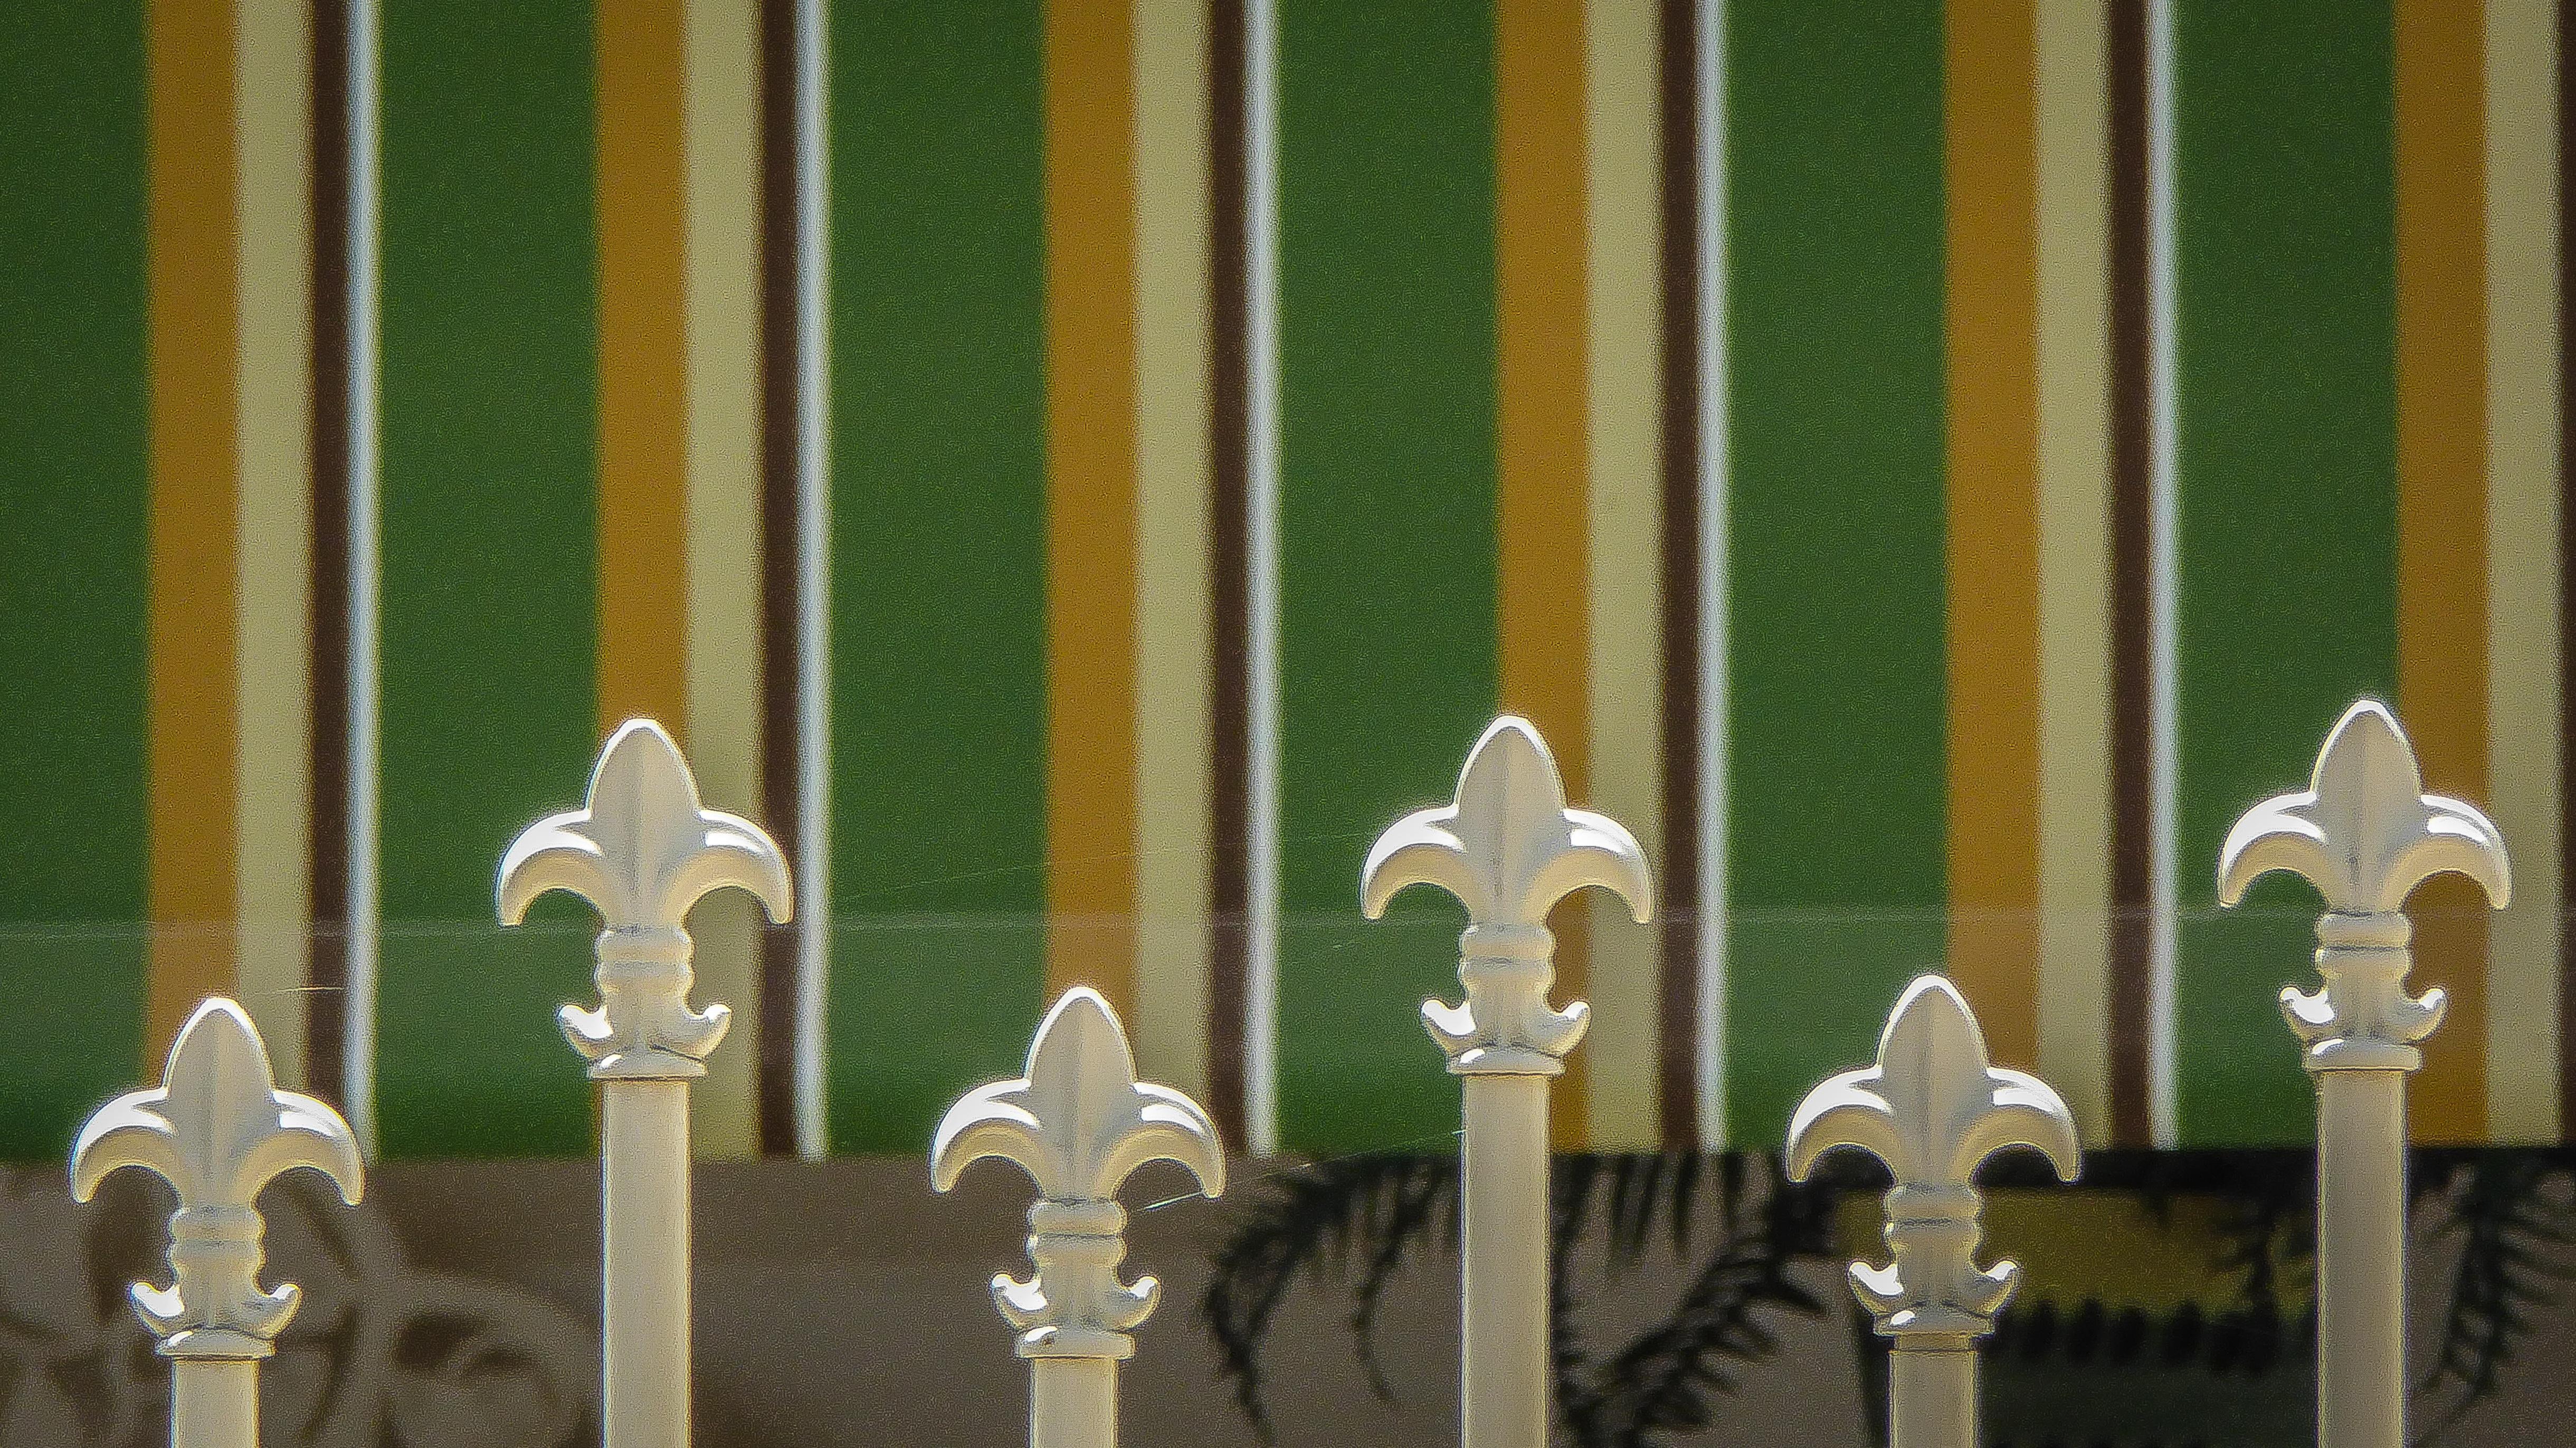 Hintergrundbilder Braun Weiss Grun Vertikal Fleurs Zaun